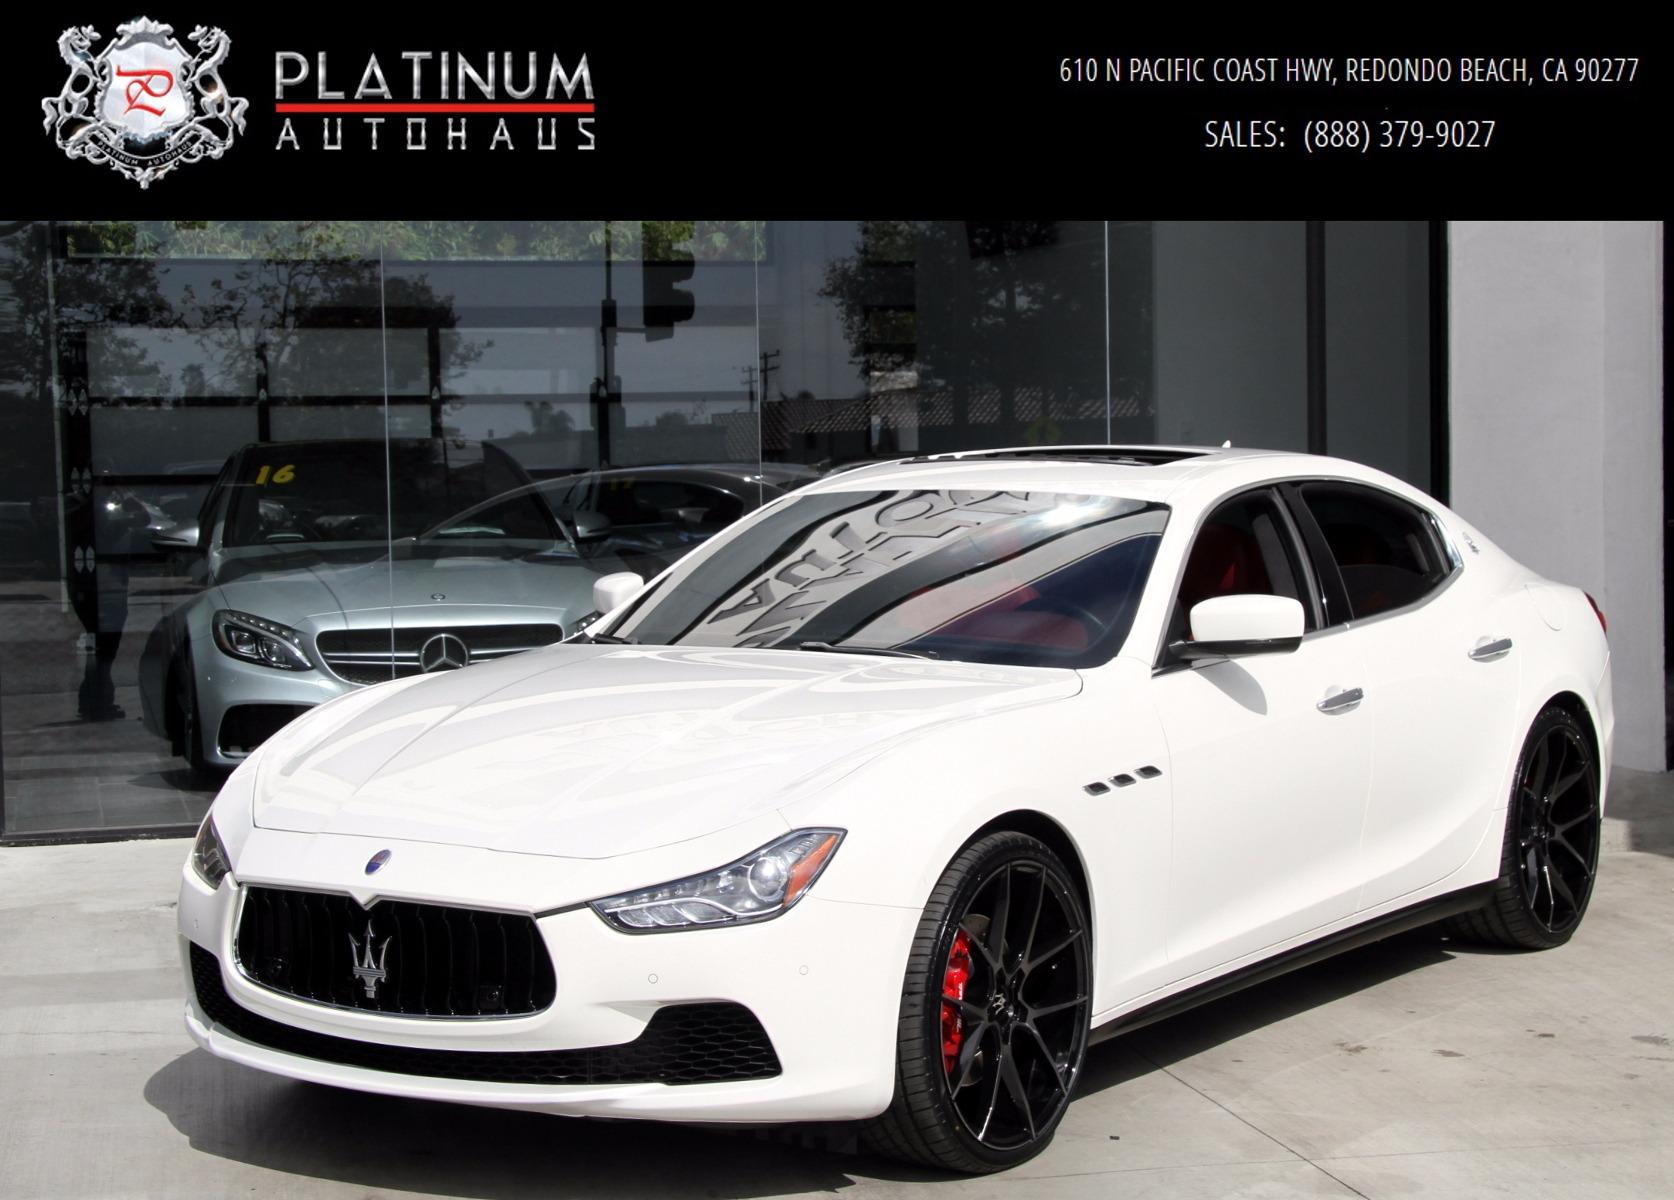 Pacific Auto Center >> 2016 Maserati Ghibli S Stock # 5994 for sale near Redondo ...